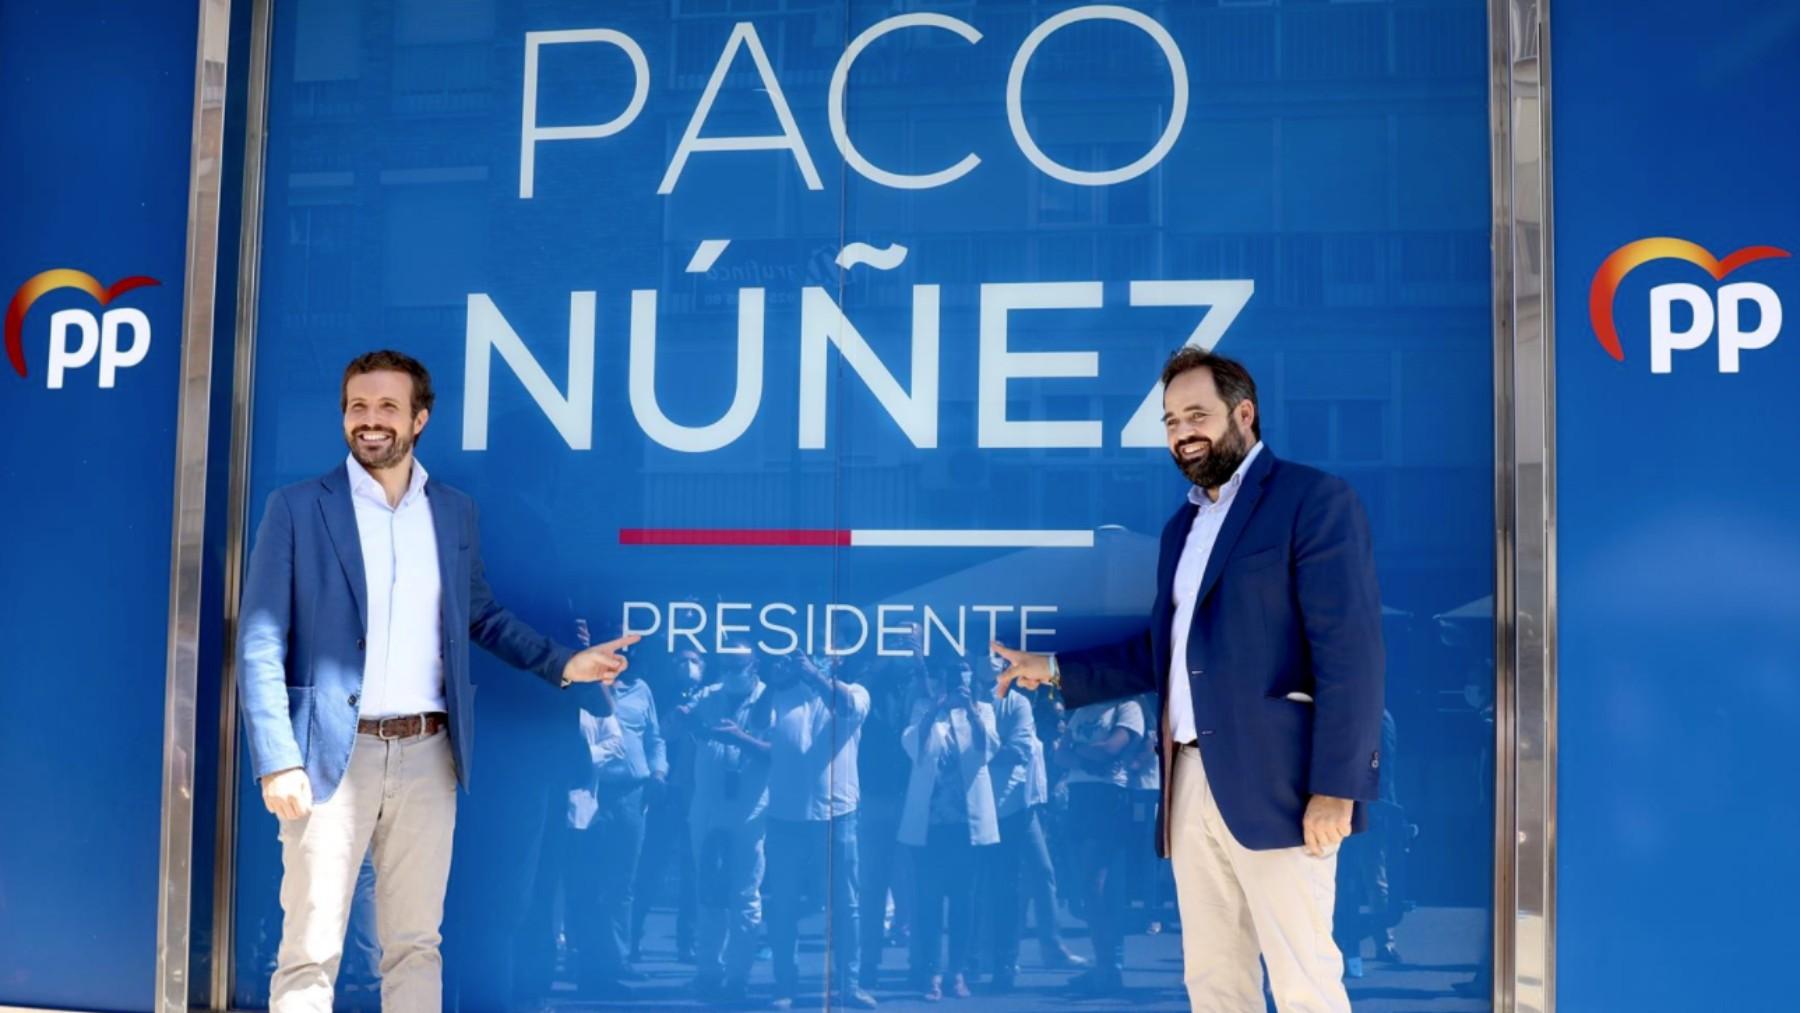 El presidente del PP Pablo Casado junto al presidente del PP Castilla-La Mancha Paco Núñez.